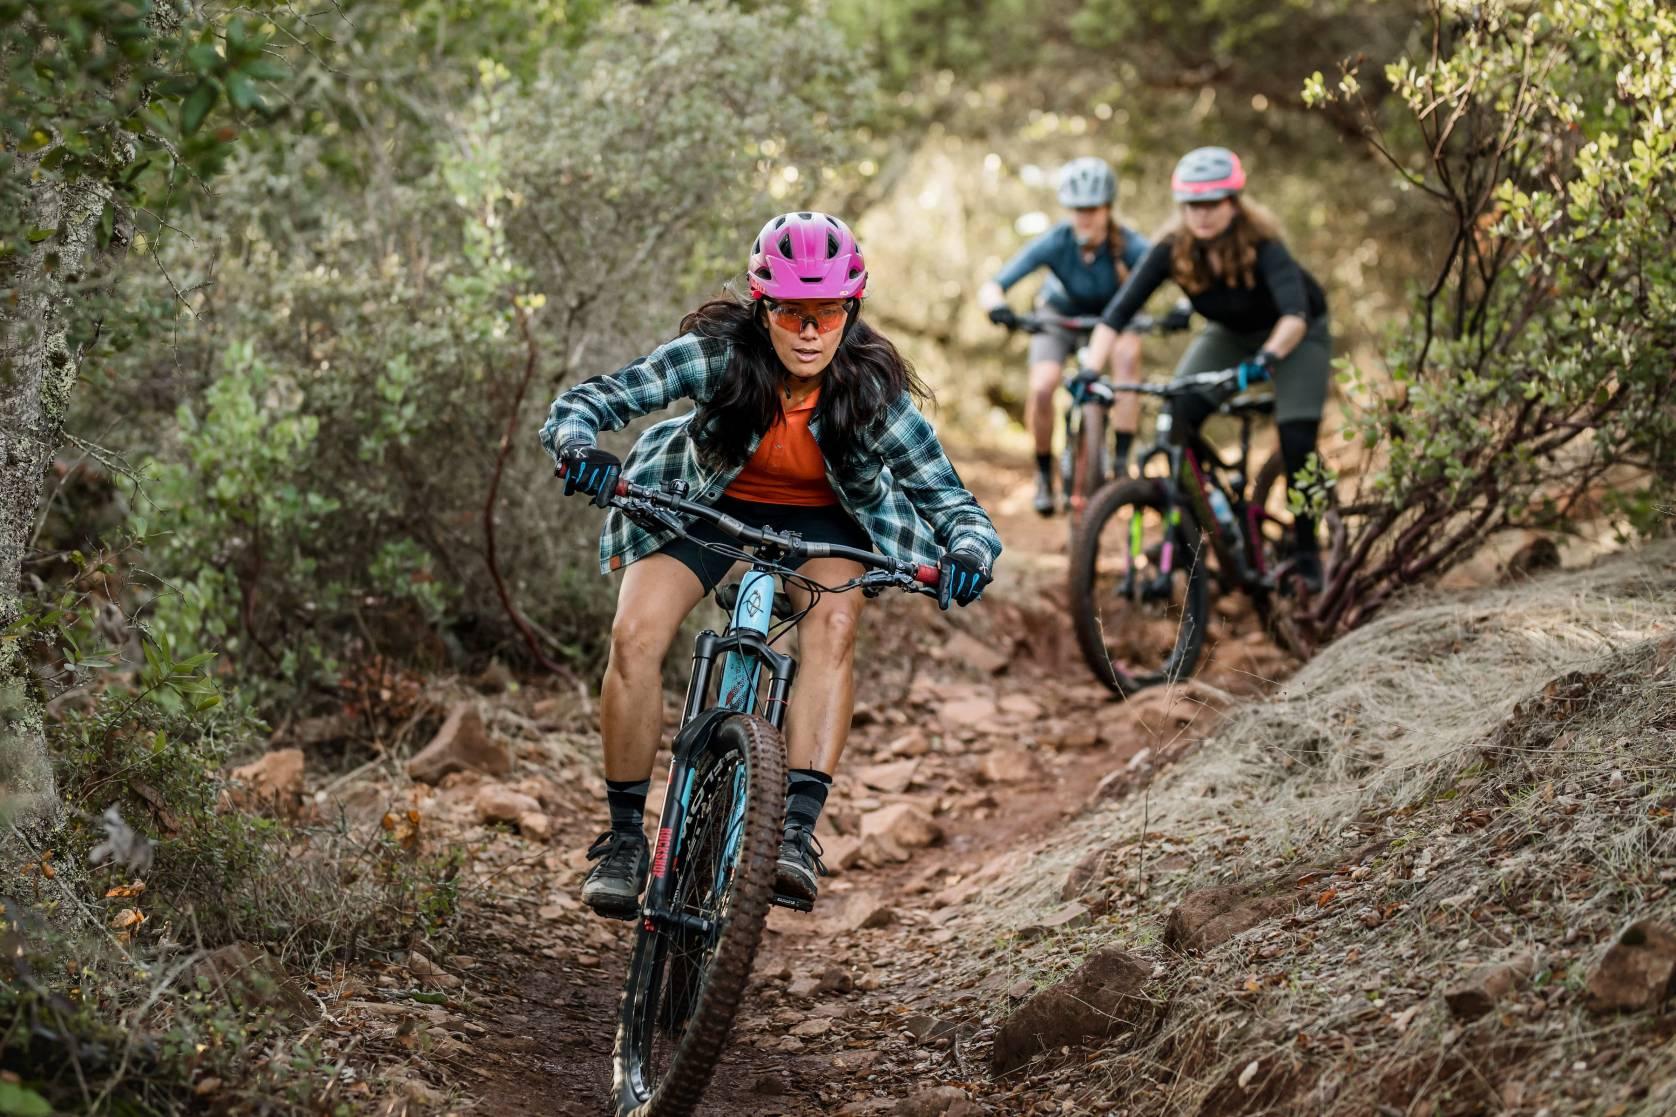 group of women mountain biking down trail in fall